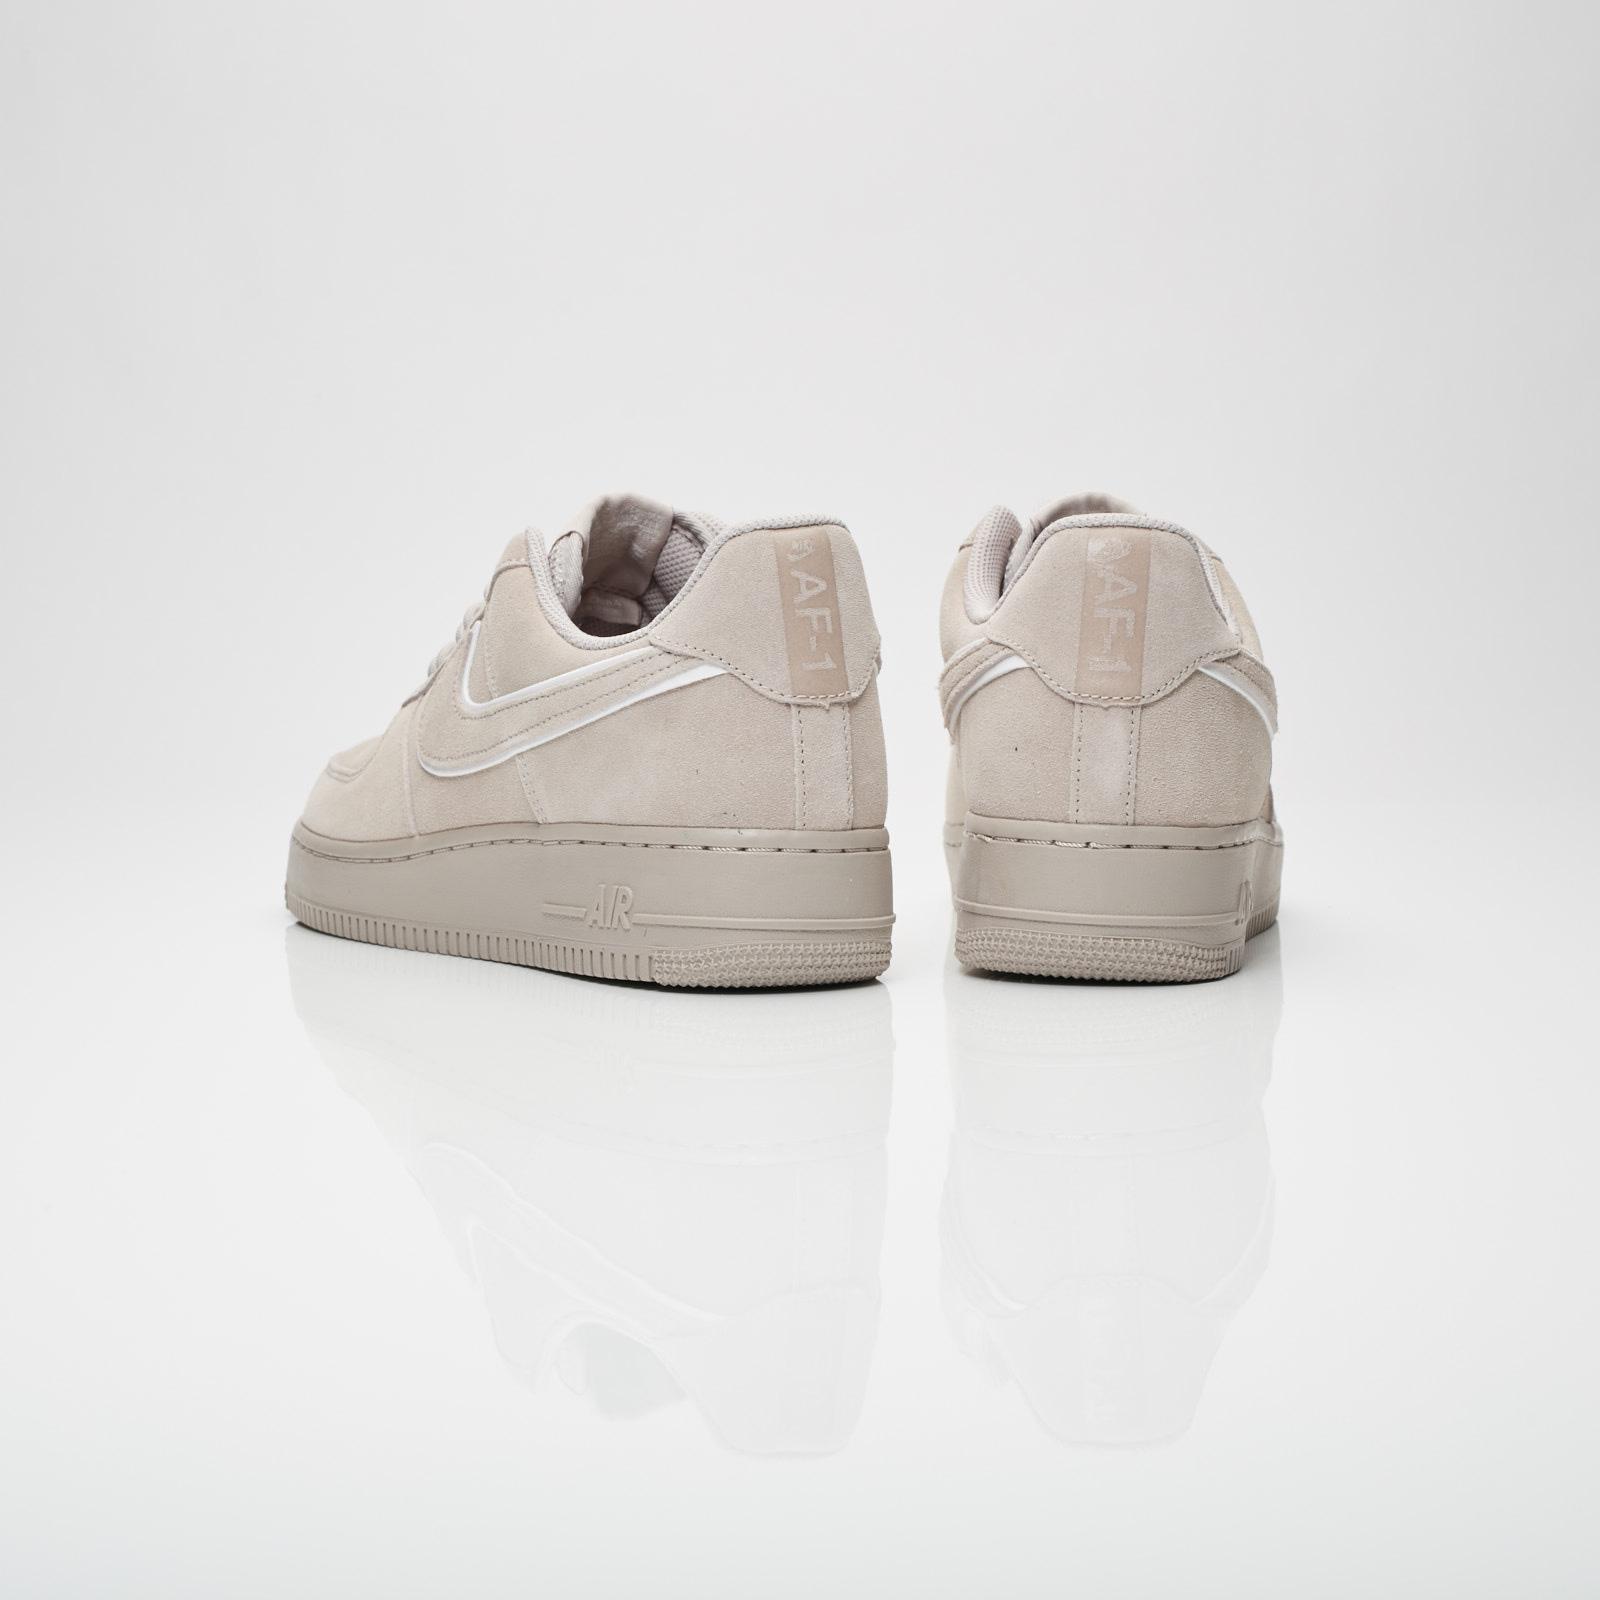 66cda767dd2 Nike Air Force 1 07 lv8 Suede - Aa1117-201 - Sneakersnstuff ...